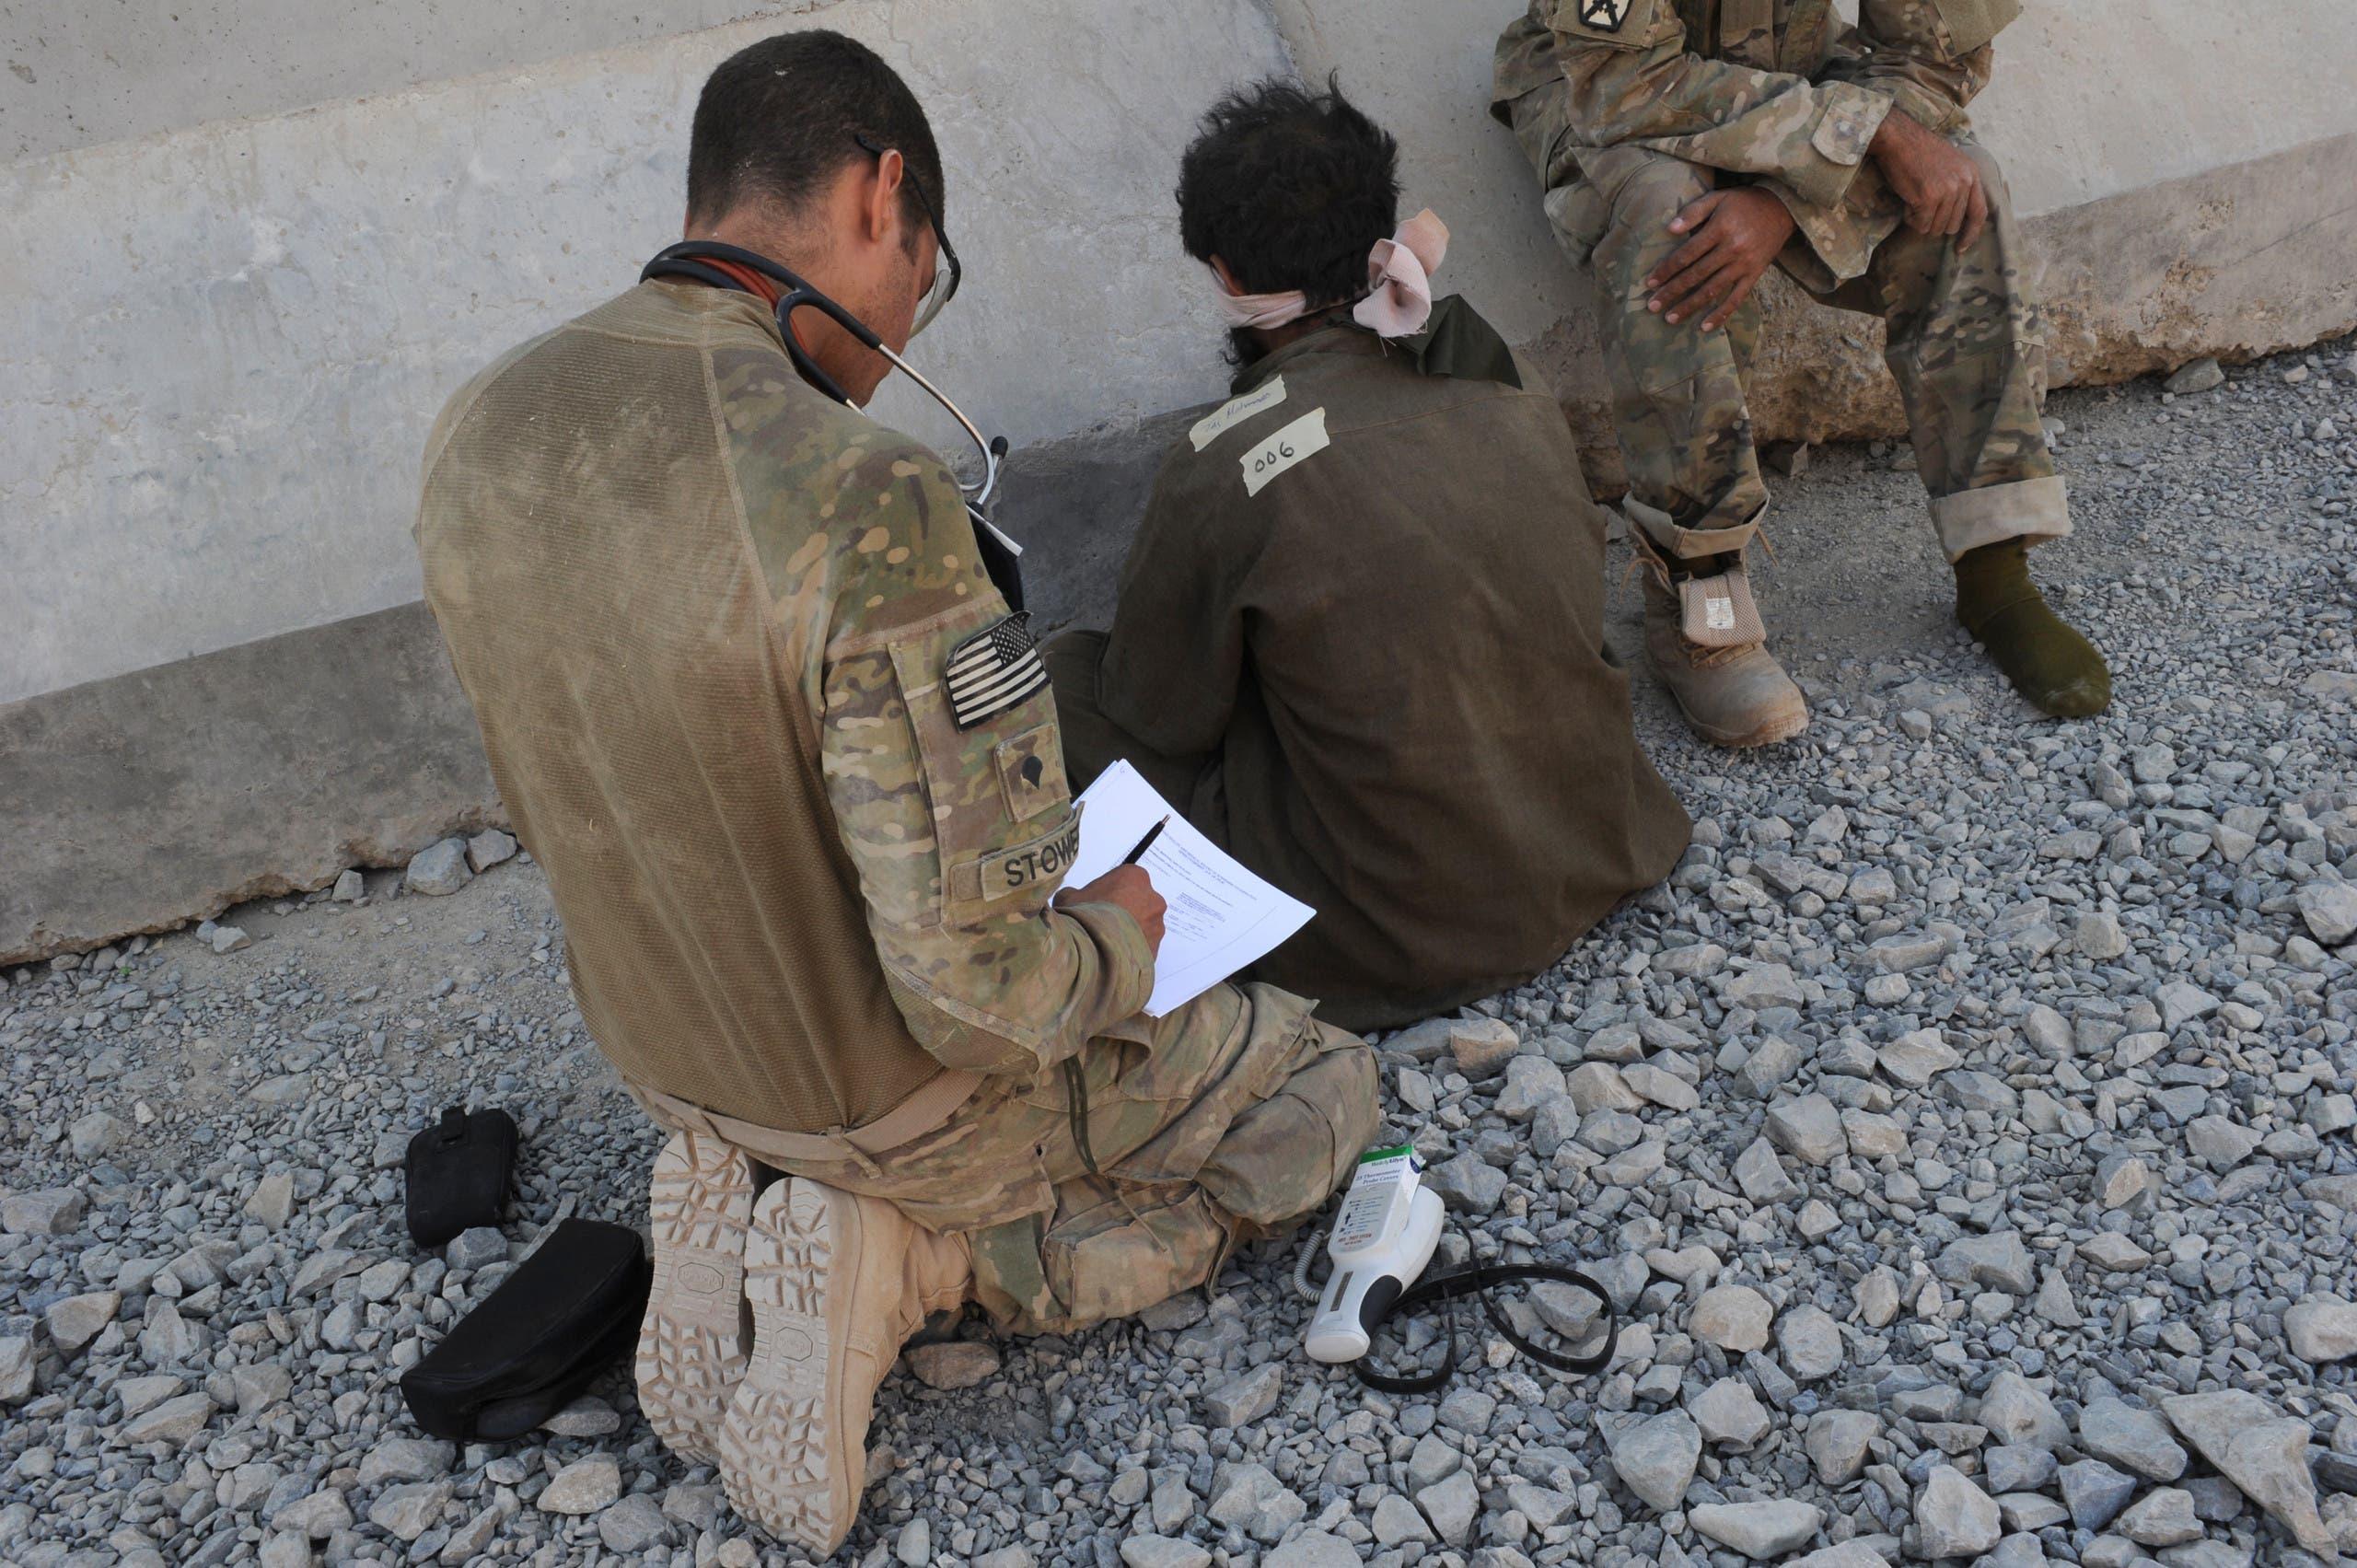 جندي أميركي يستجوب عنصرا من طالبان ومعه مترجم أفغاني في قندهار في 2011 (أرشيفية)